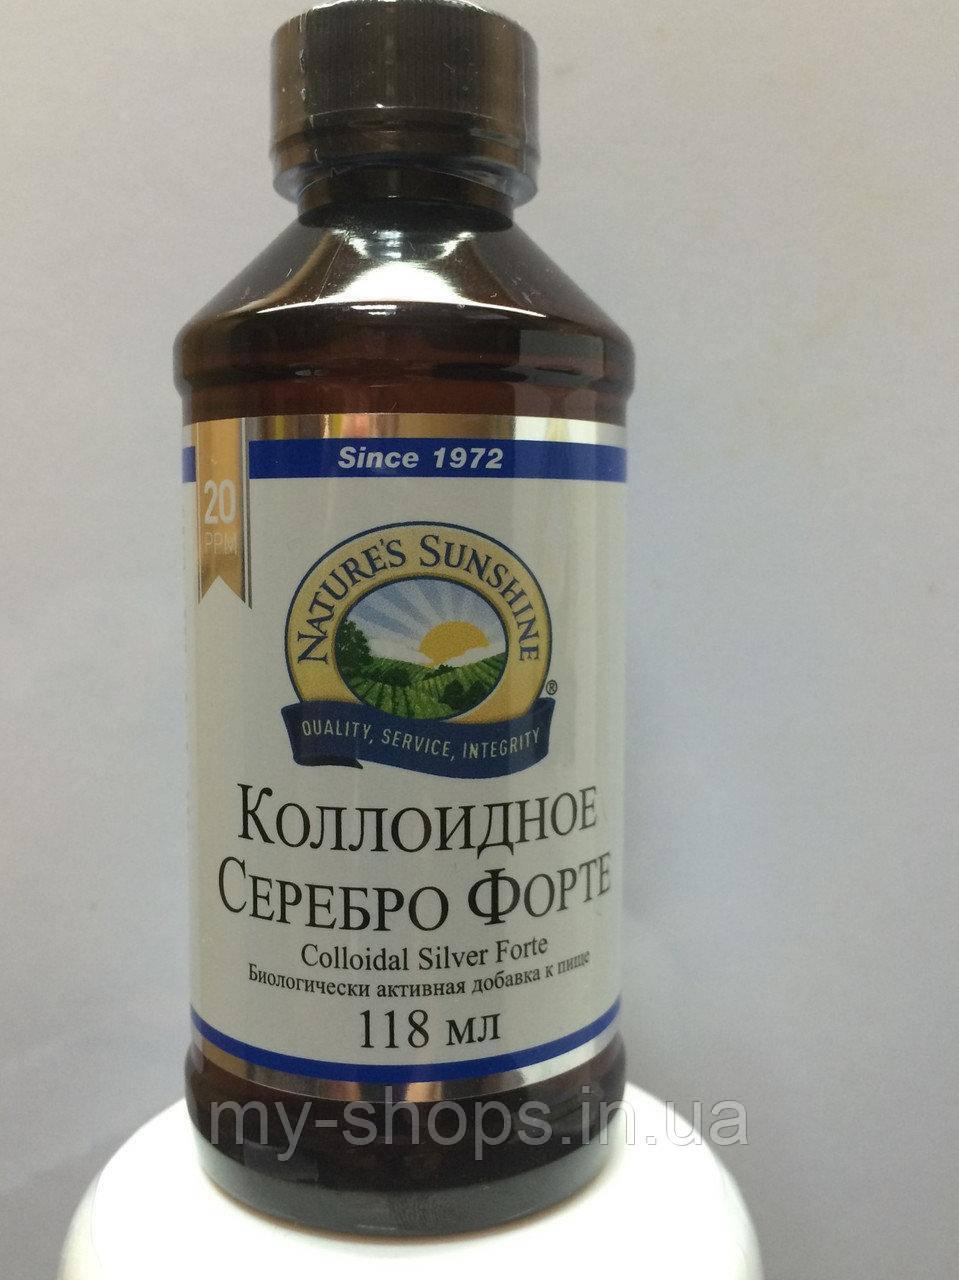 Коллоидное Серебро Форте НСП. Colloidal Silver NSP. Лечение простудных заболеваний